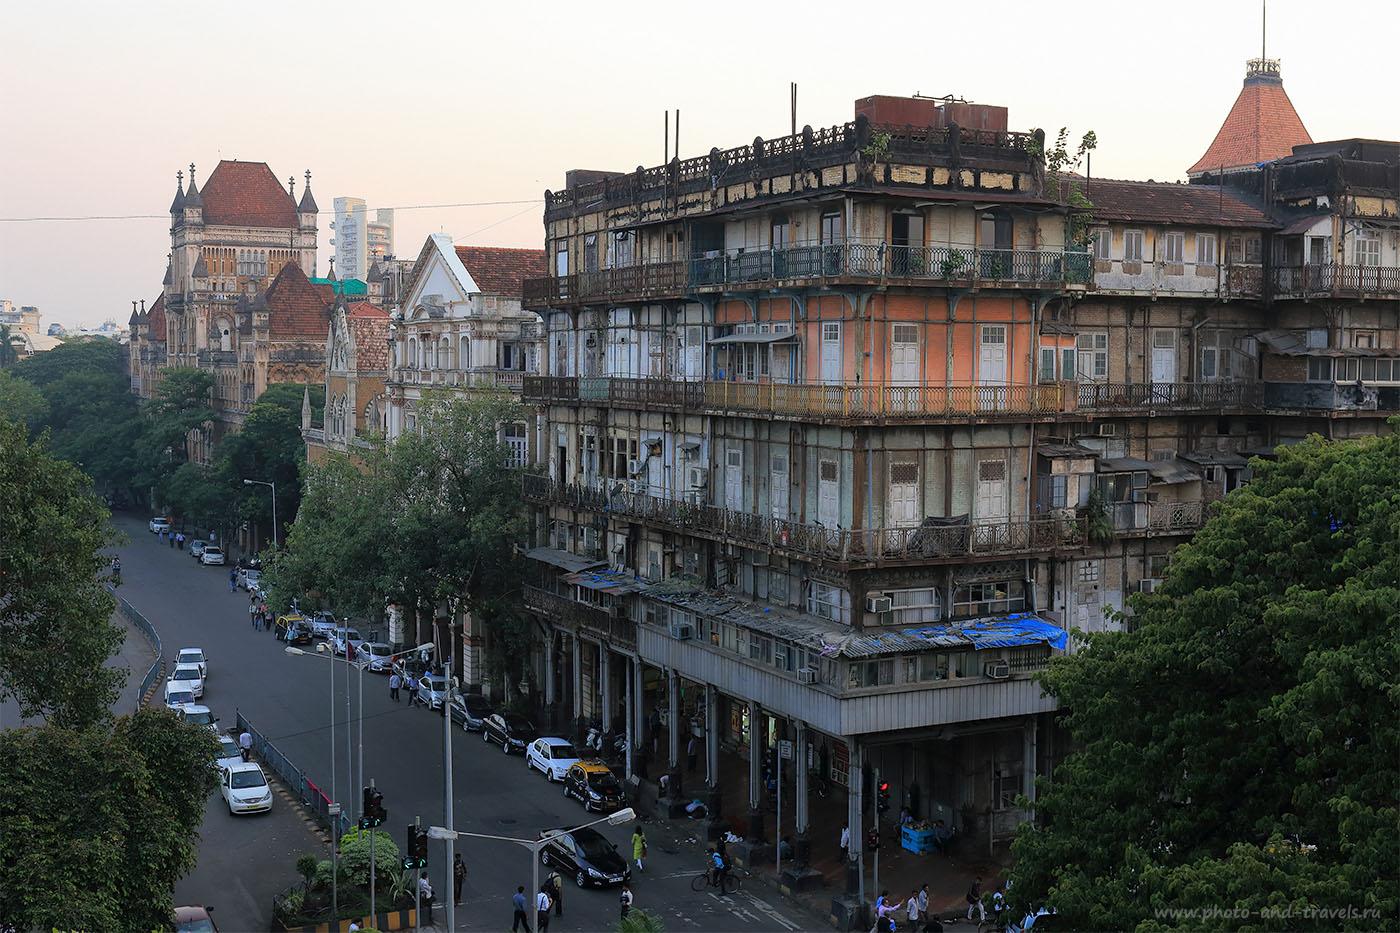 Фото 31. Вид на отель Watson's Hotel в Мумбаи. Отчет о поездке в Индию самостоятельно (24-70, 1/100, -1eV, f9, 39 mm, ISO 640)